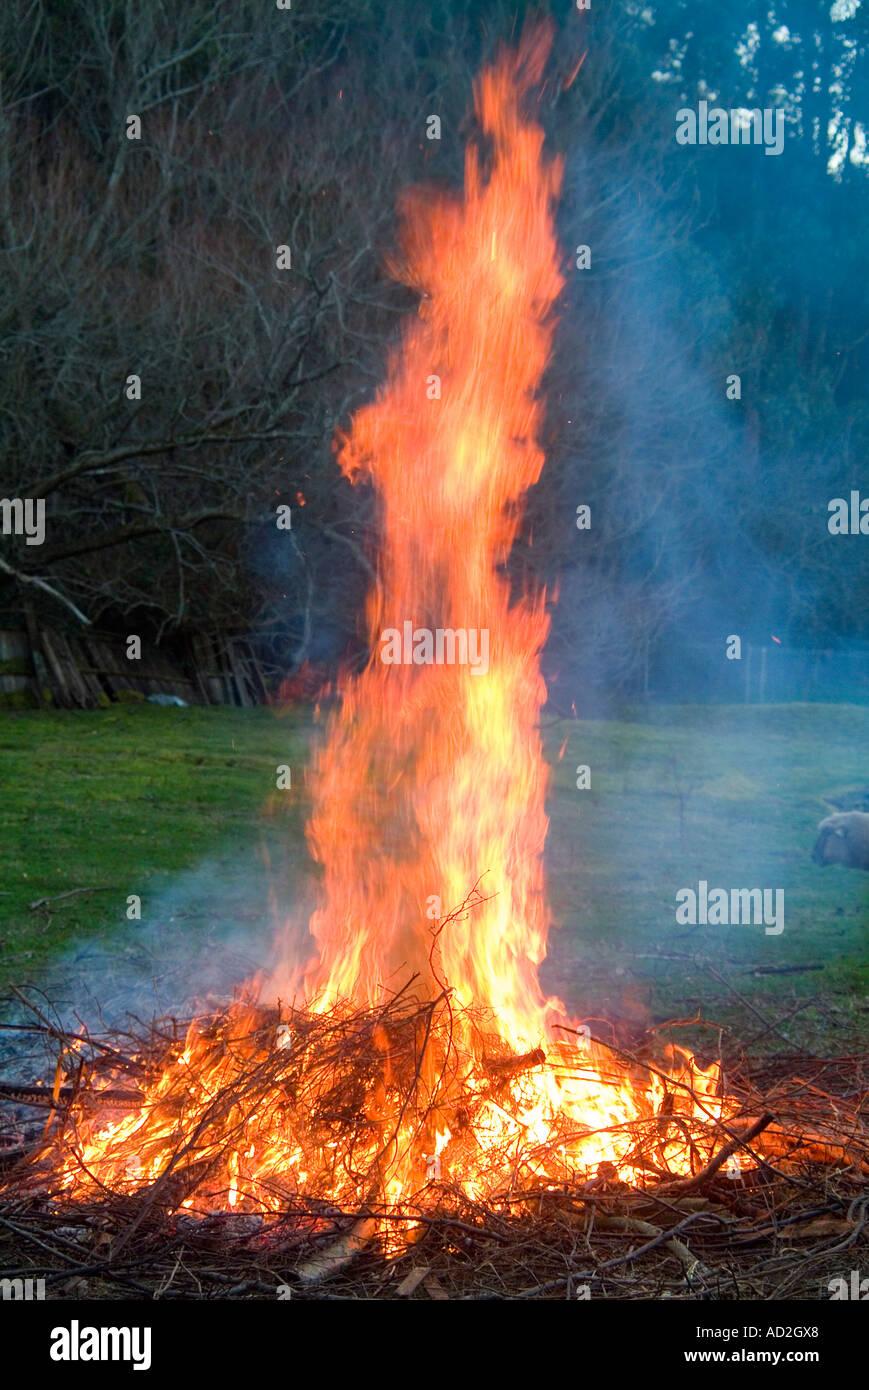 A backyard garden bonfire - Stock Image